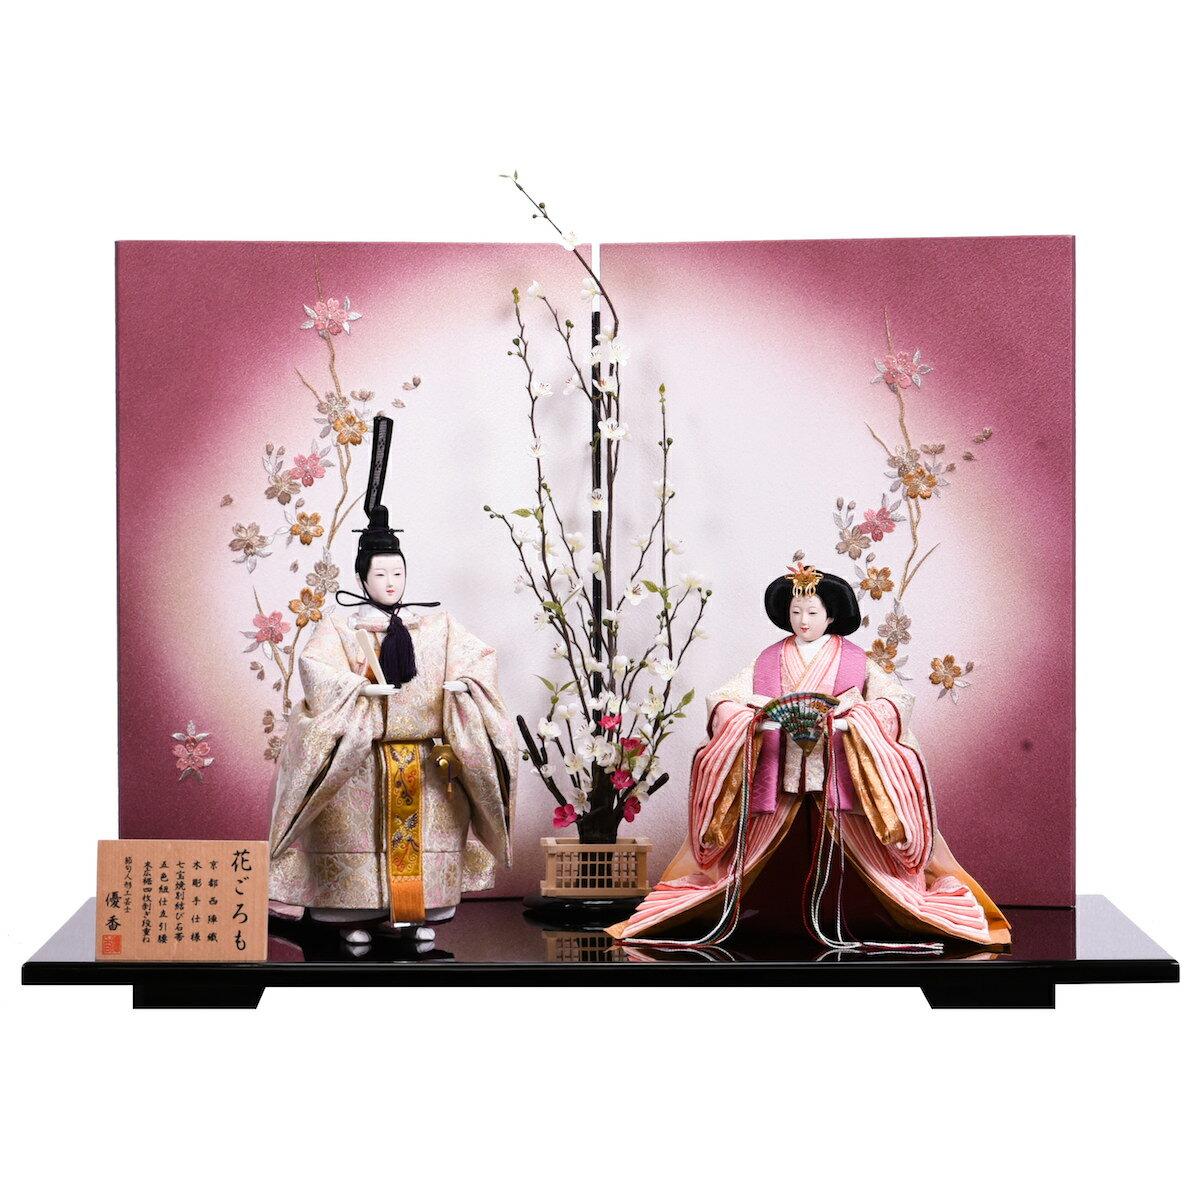 雛人形 立ち雛 京都西陣織 平安優香 花ごろも 送料無料